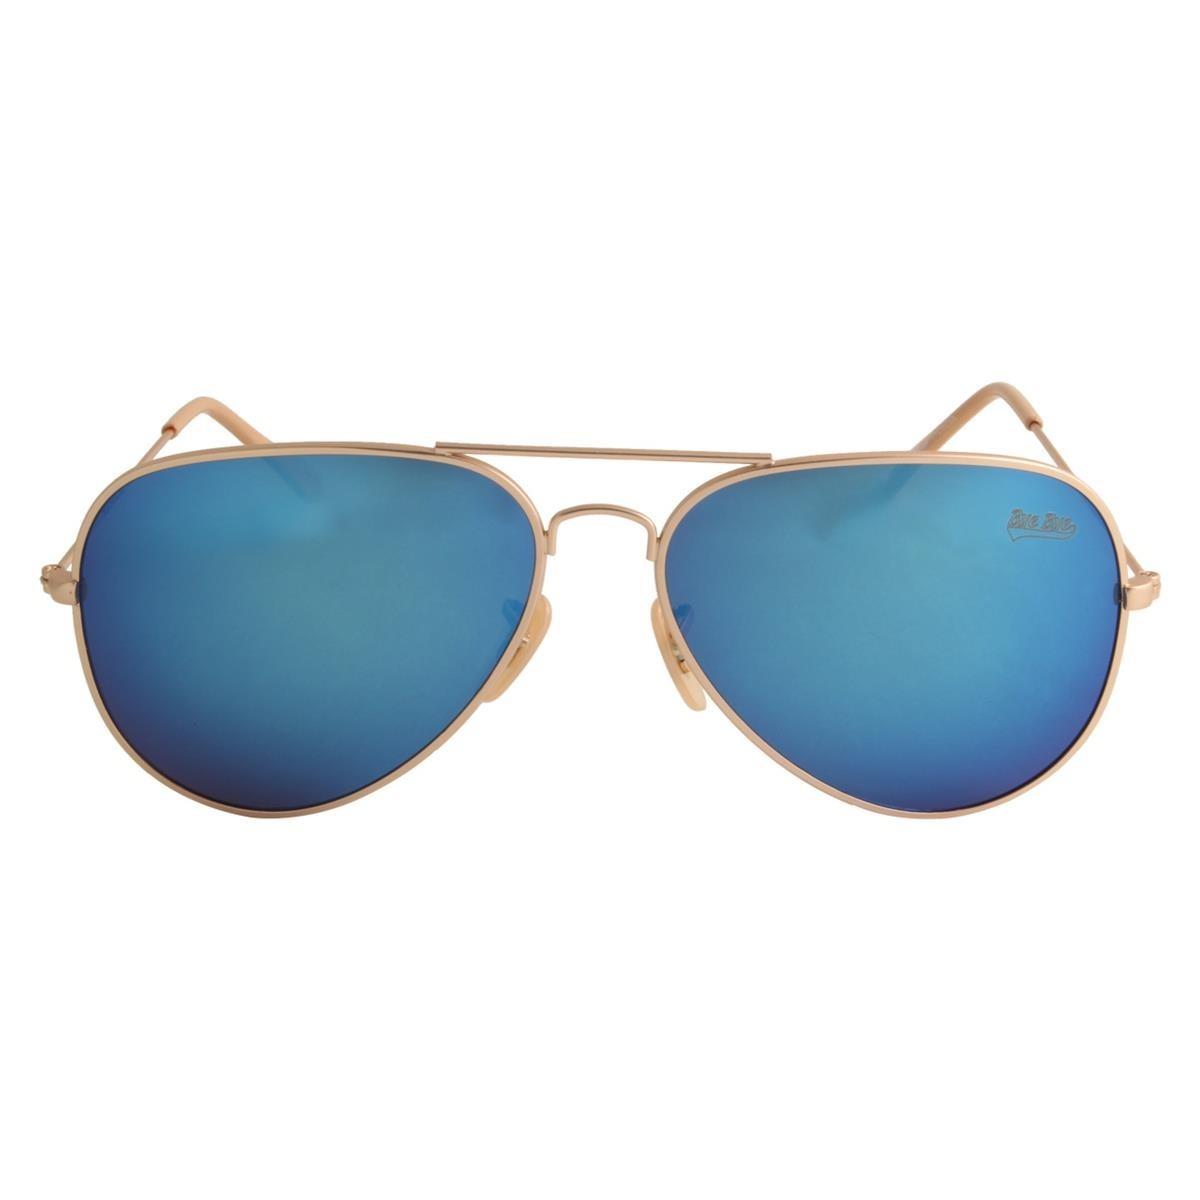 cb26b9bf7abc6 óculos de sol feminino aviador azul com dourado. Carregando zoom.